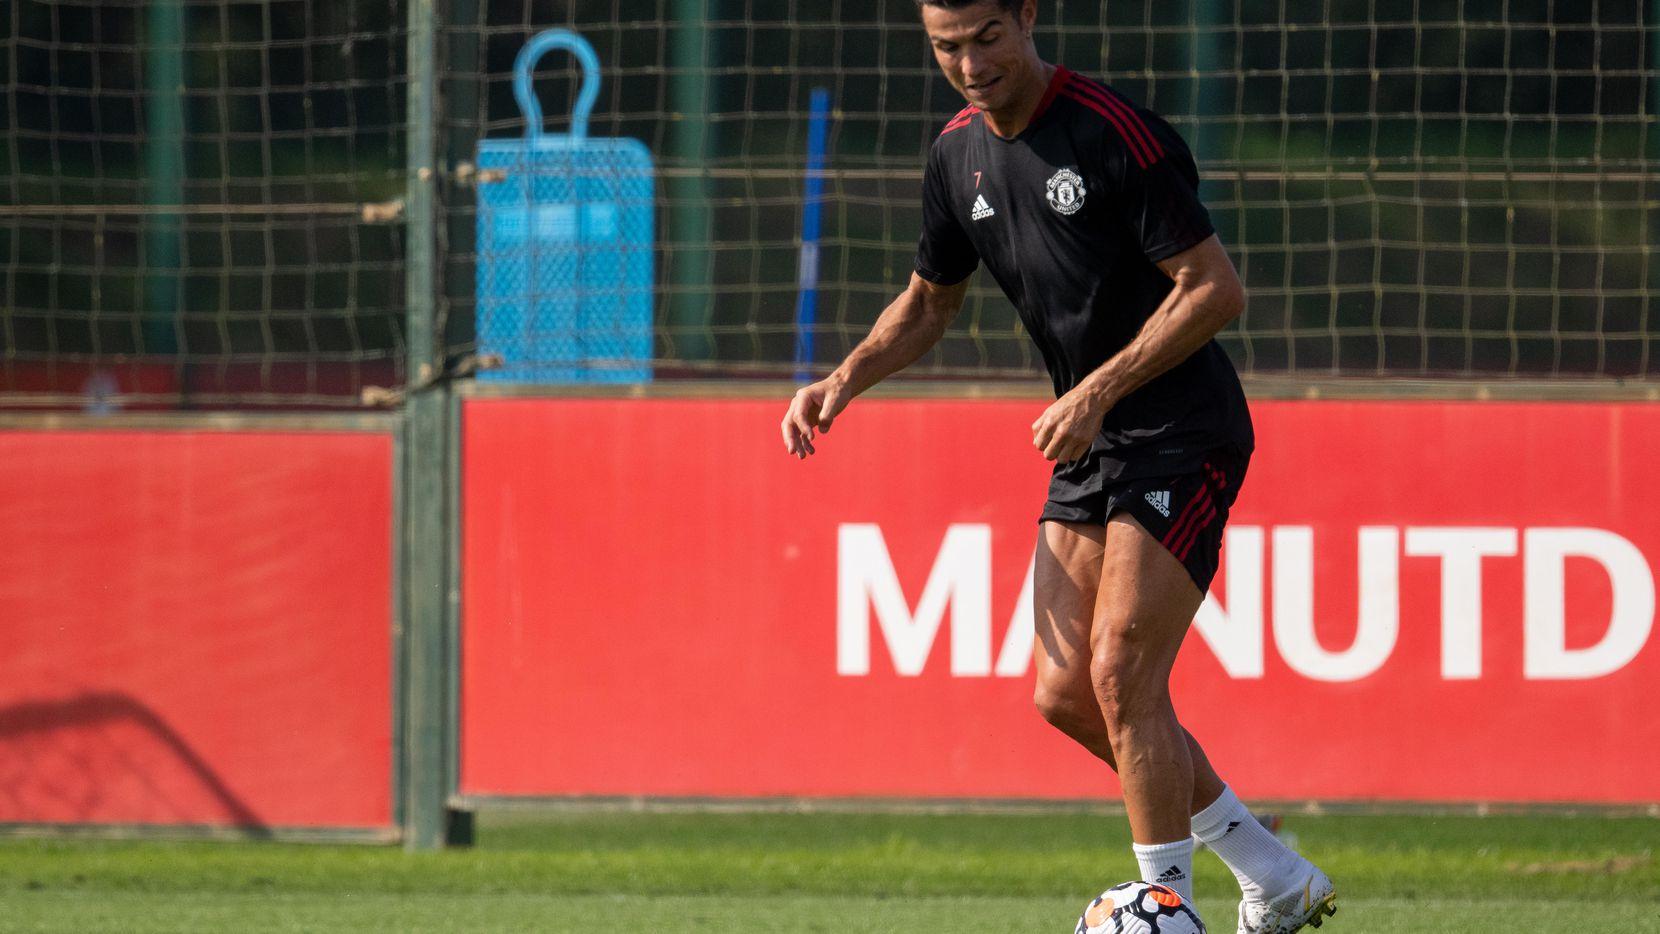 Cristiano Ronaldo en un entrenamiento del Manchester United el 7 de septiembre de 2021.